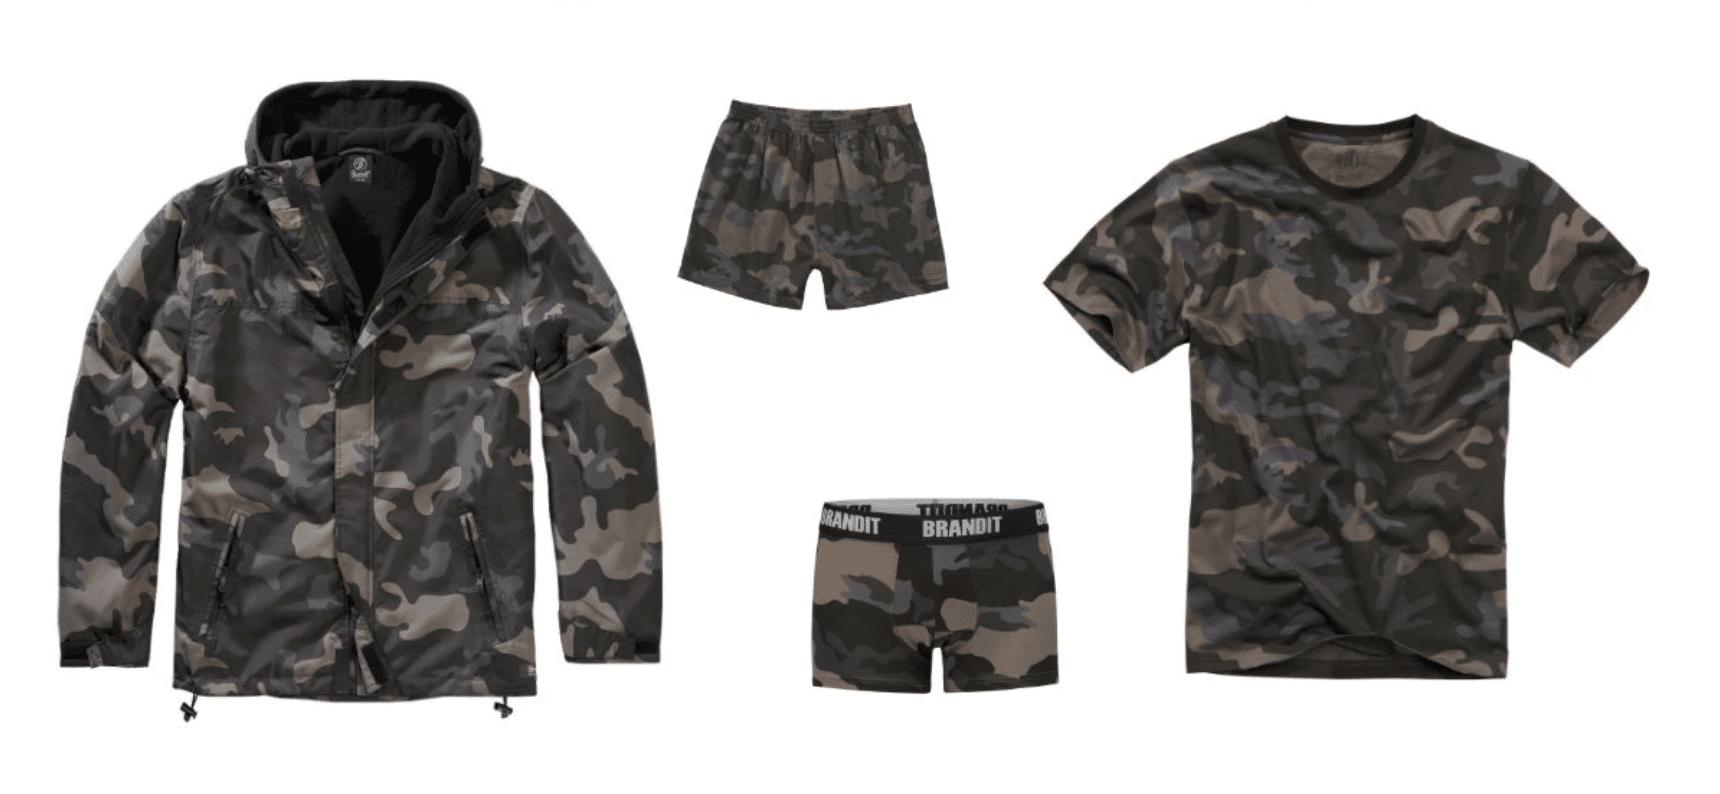 Vêtements mode militaire